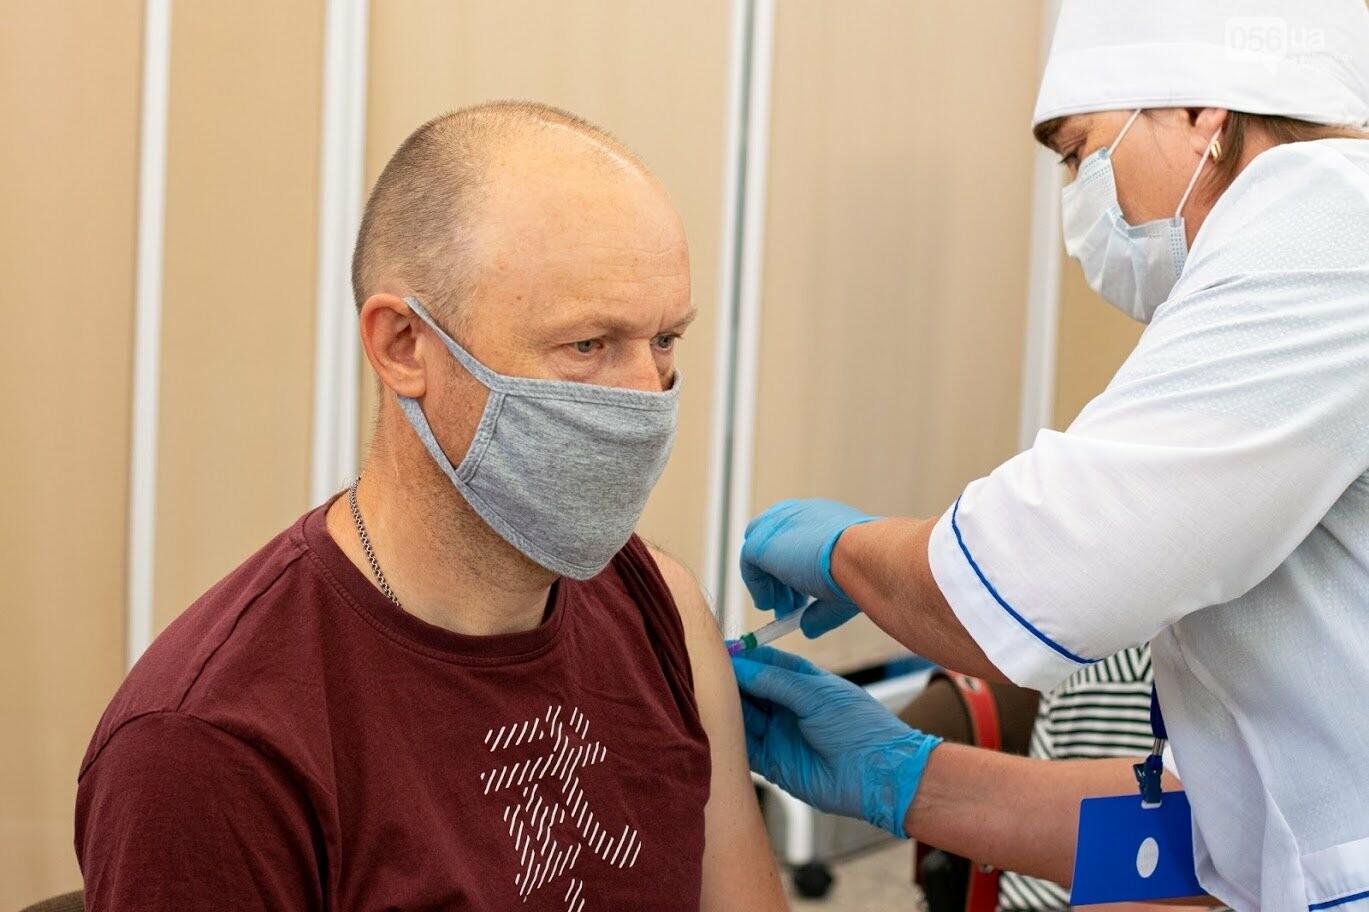 В Днепре открыли Областной центр вакцинации от COVID-19, - ФОТО, фото-6